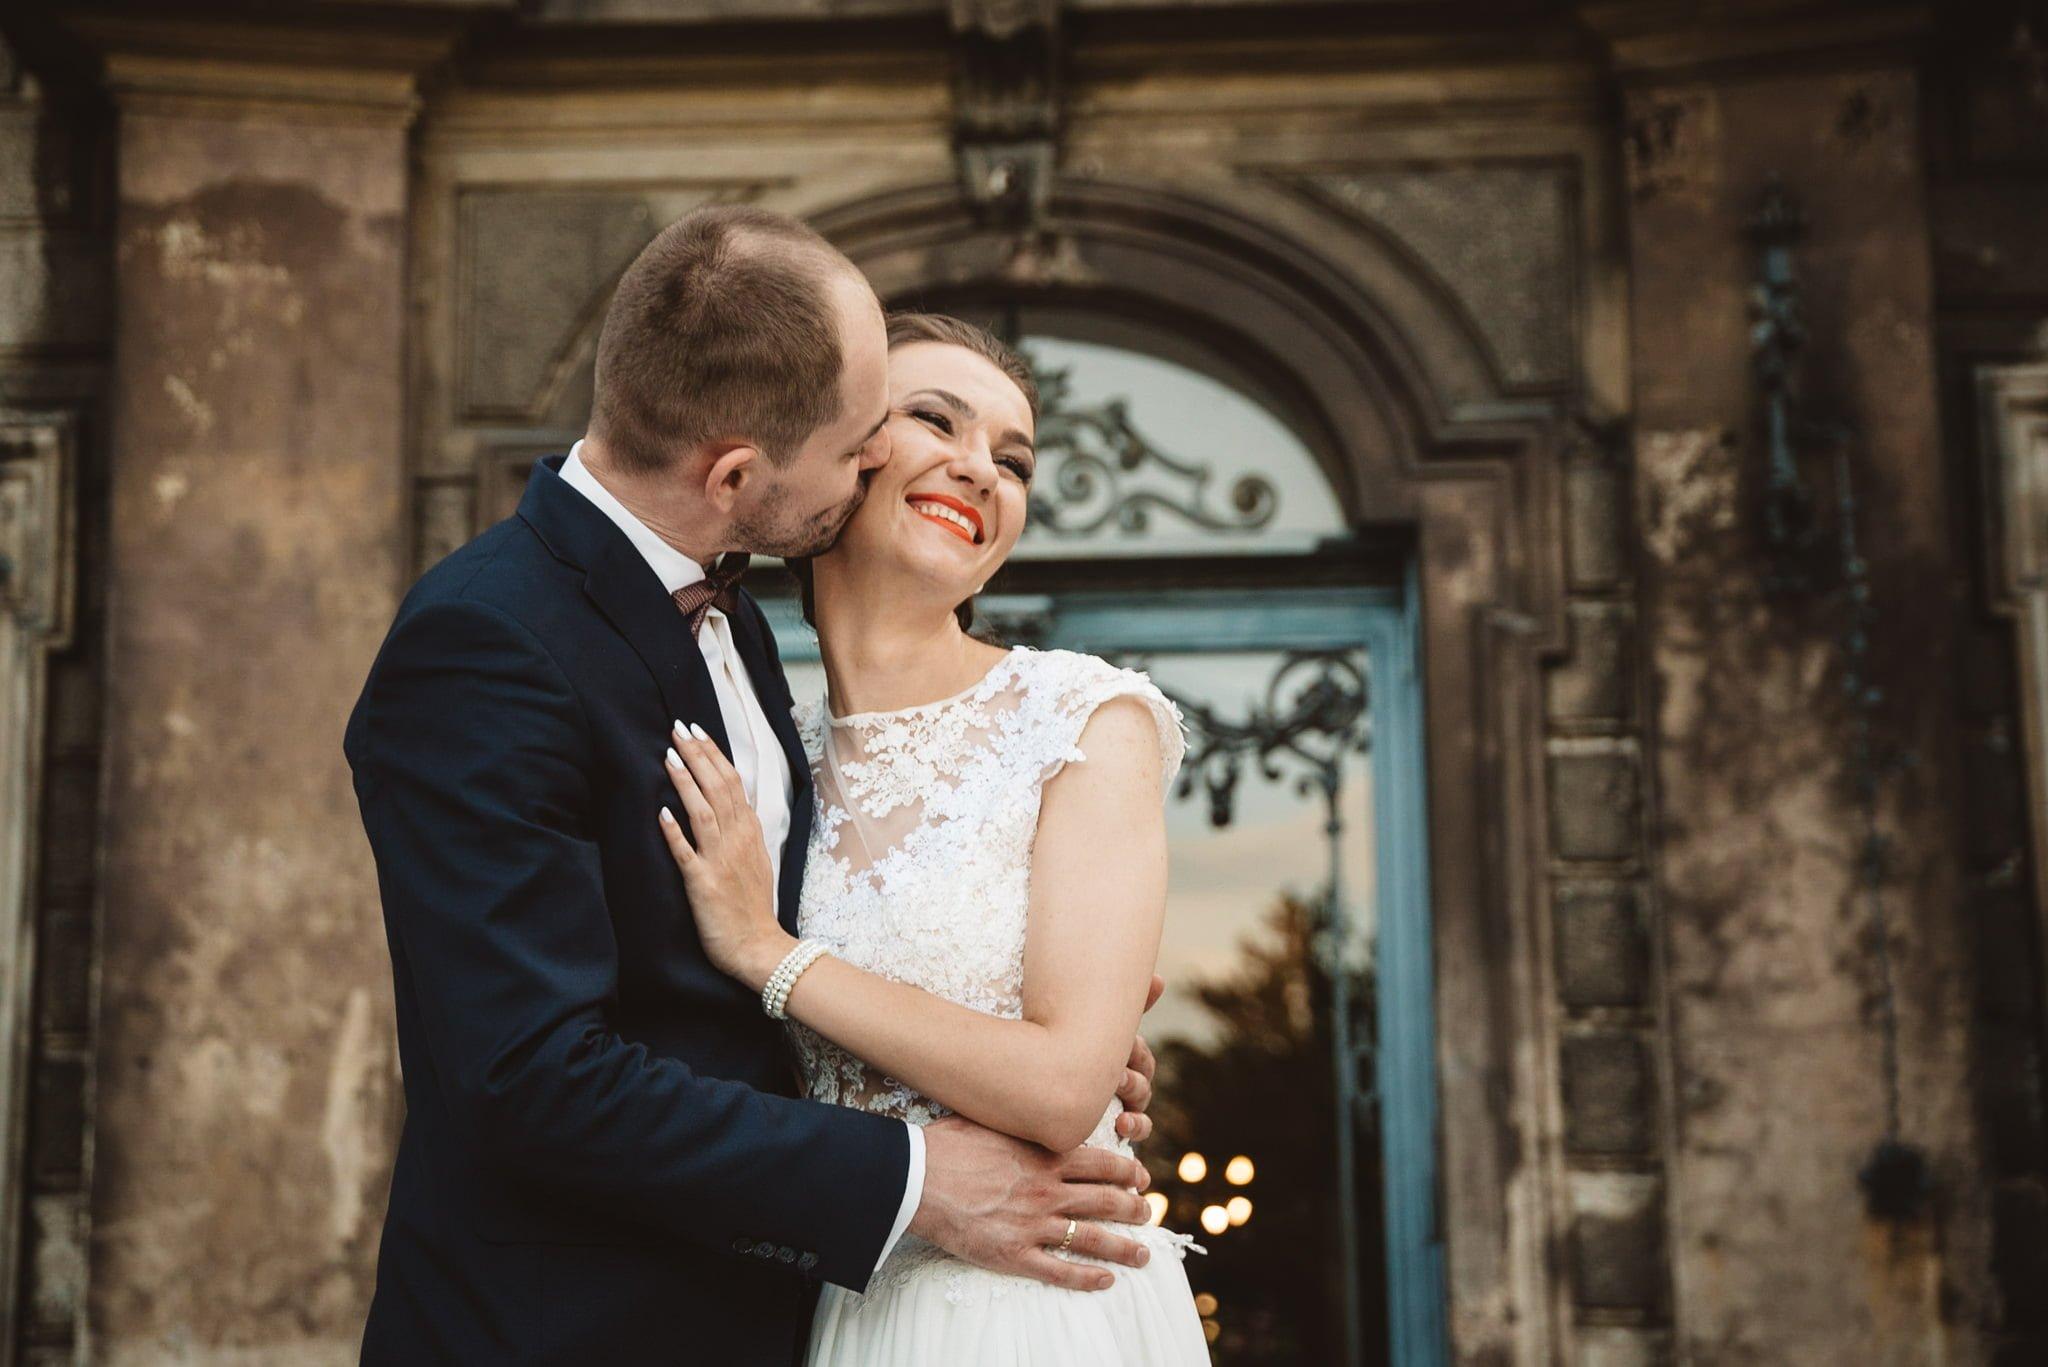 Ala i Arek, czyli jak zorganizować ślub i wesele w 4 tygodnie! 384